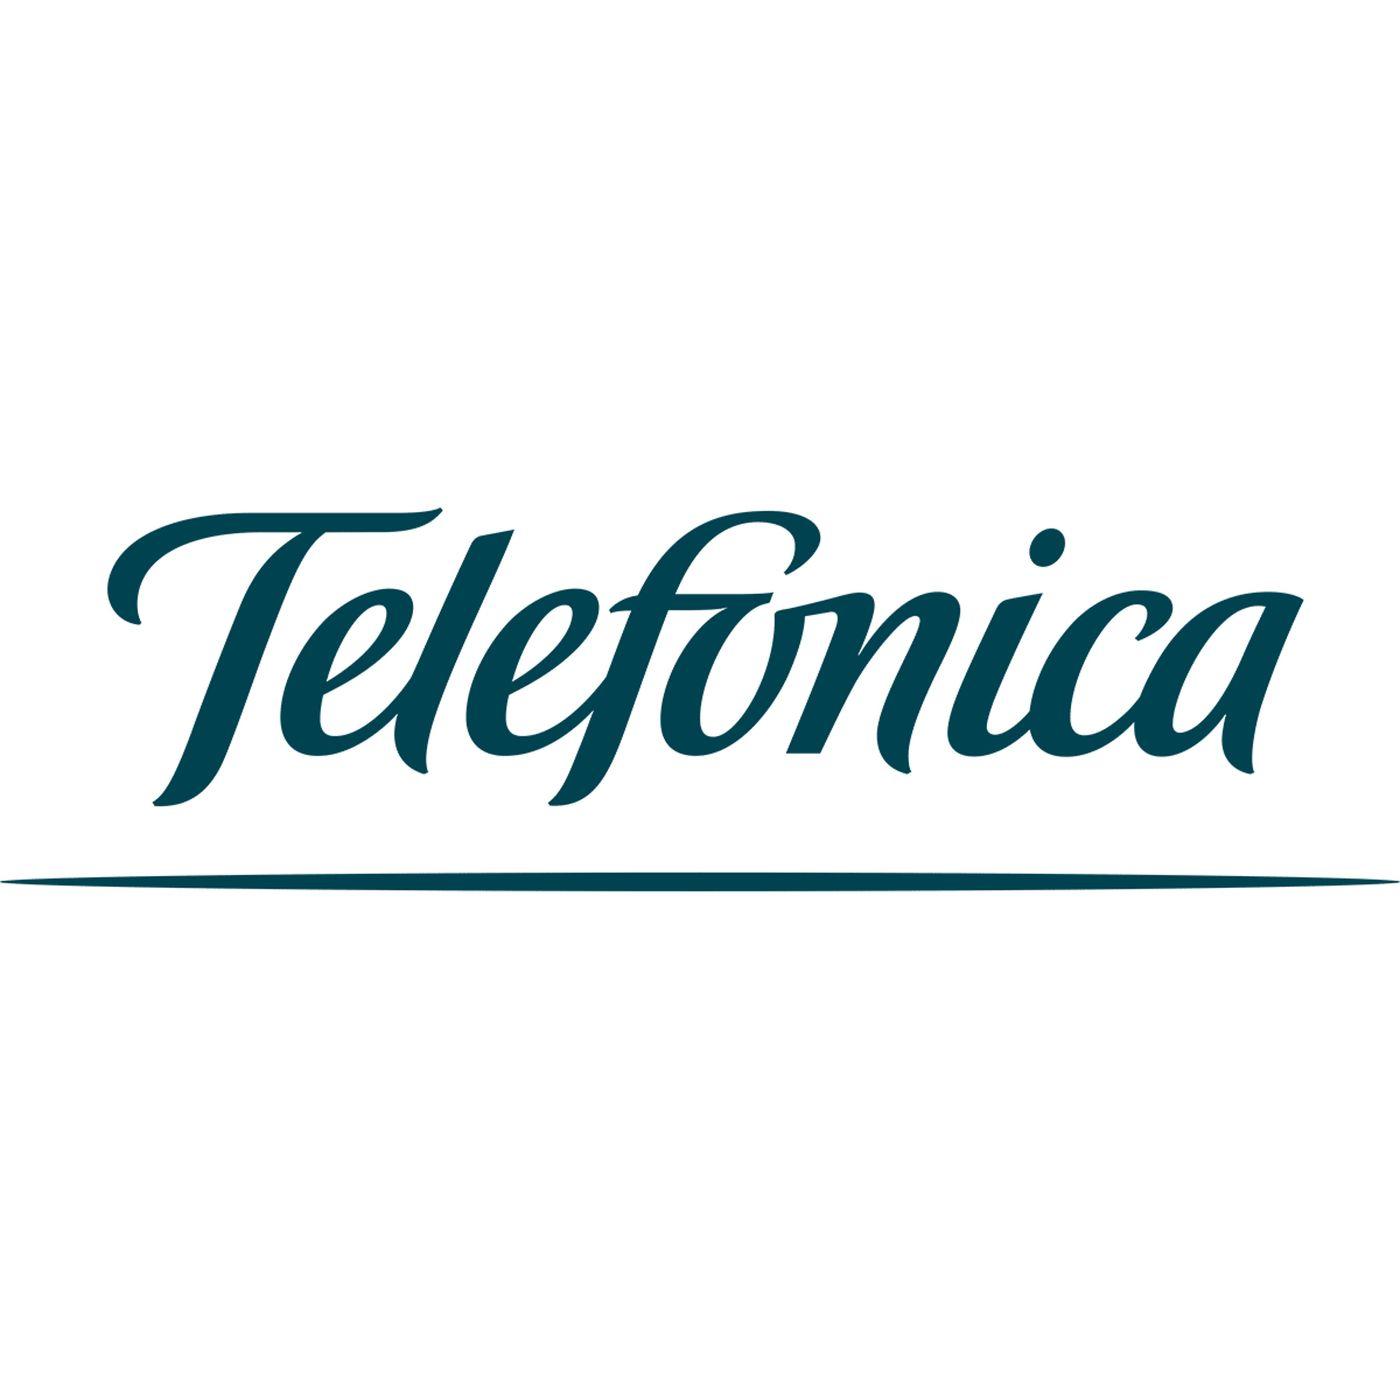 Teleconferência de Resultados da Telefonica (VIVT4) do 2T20